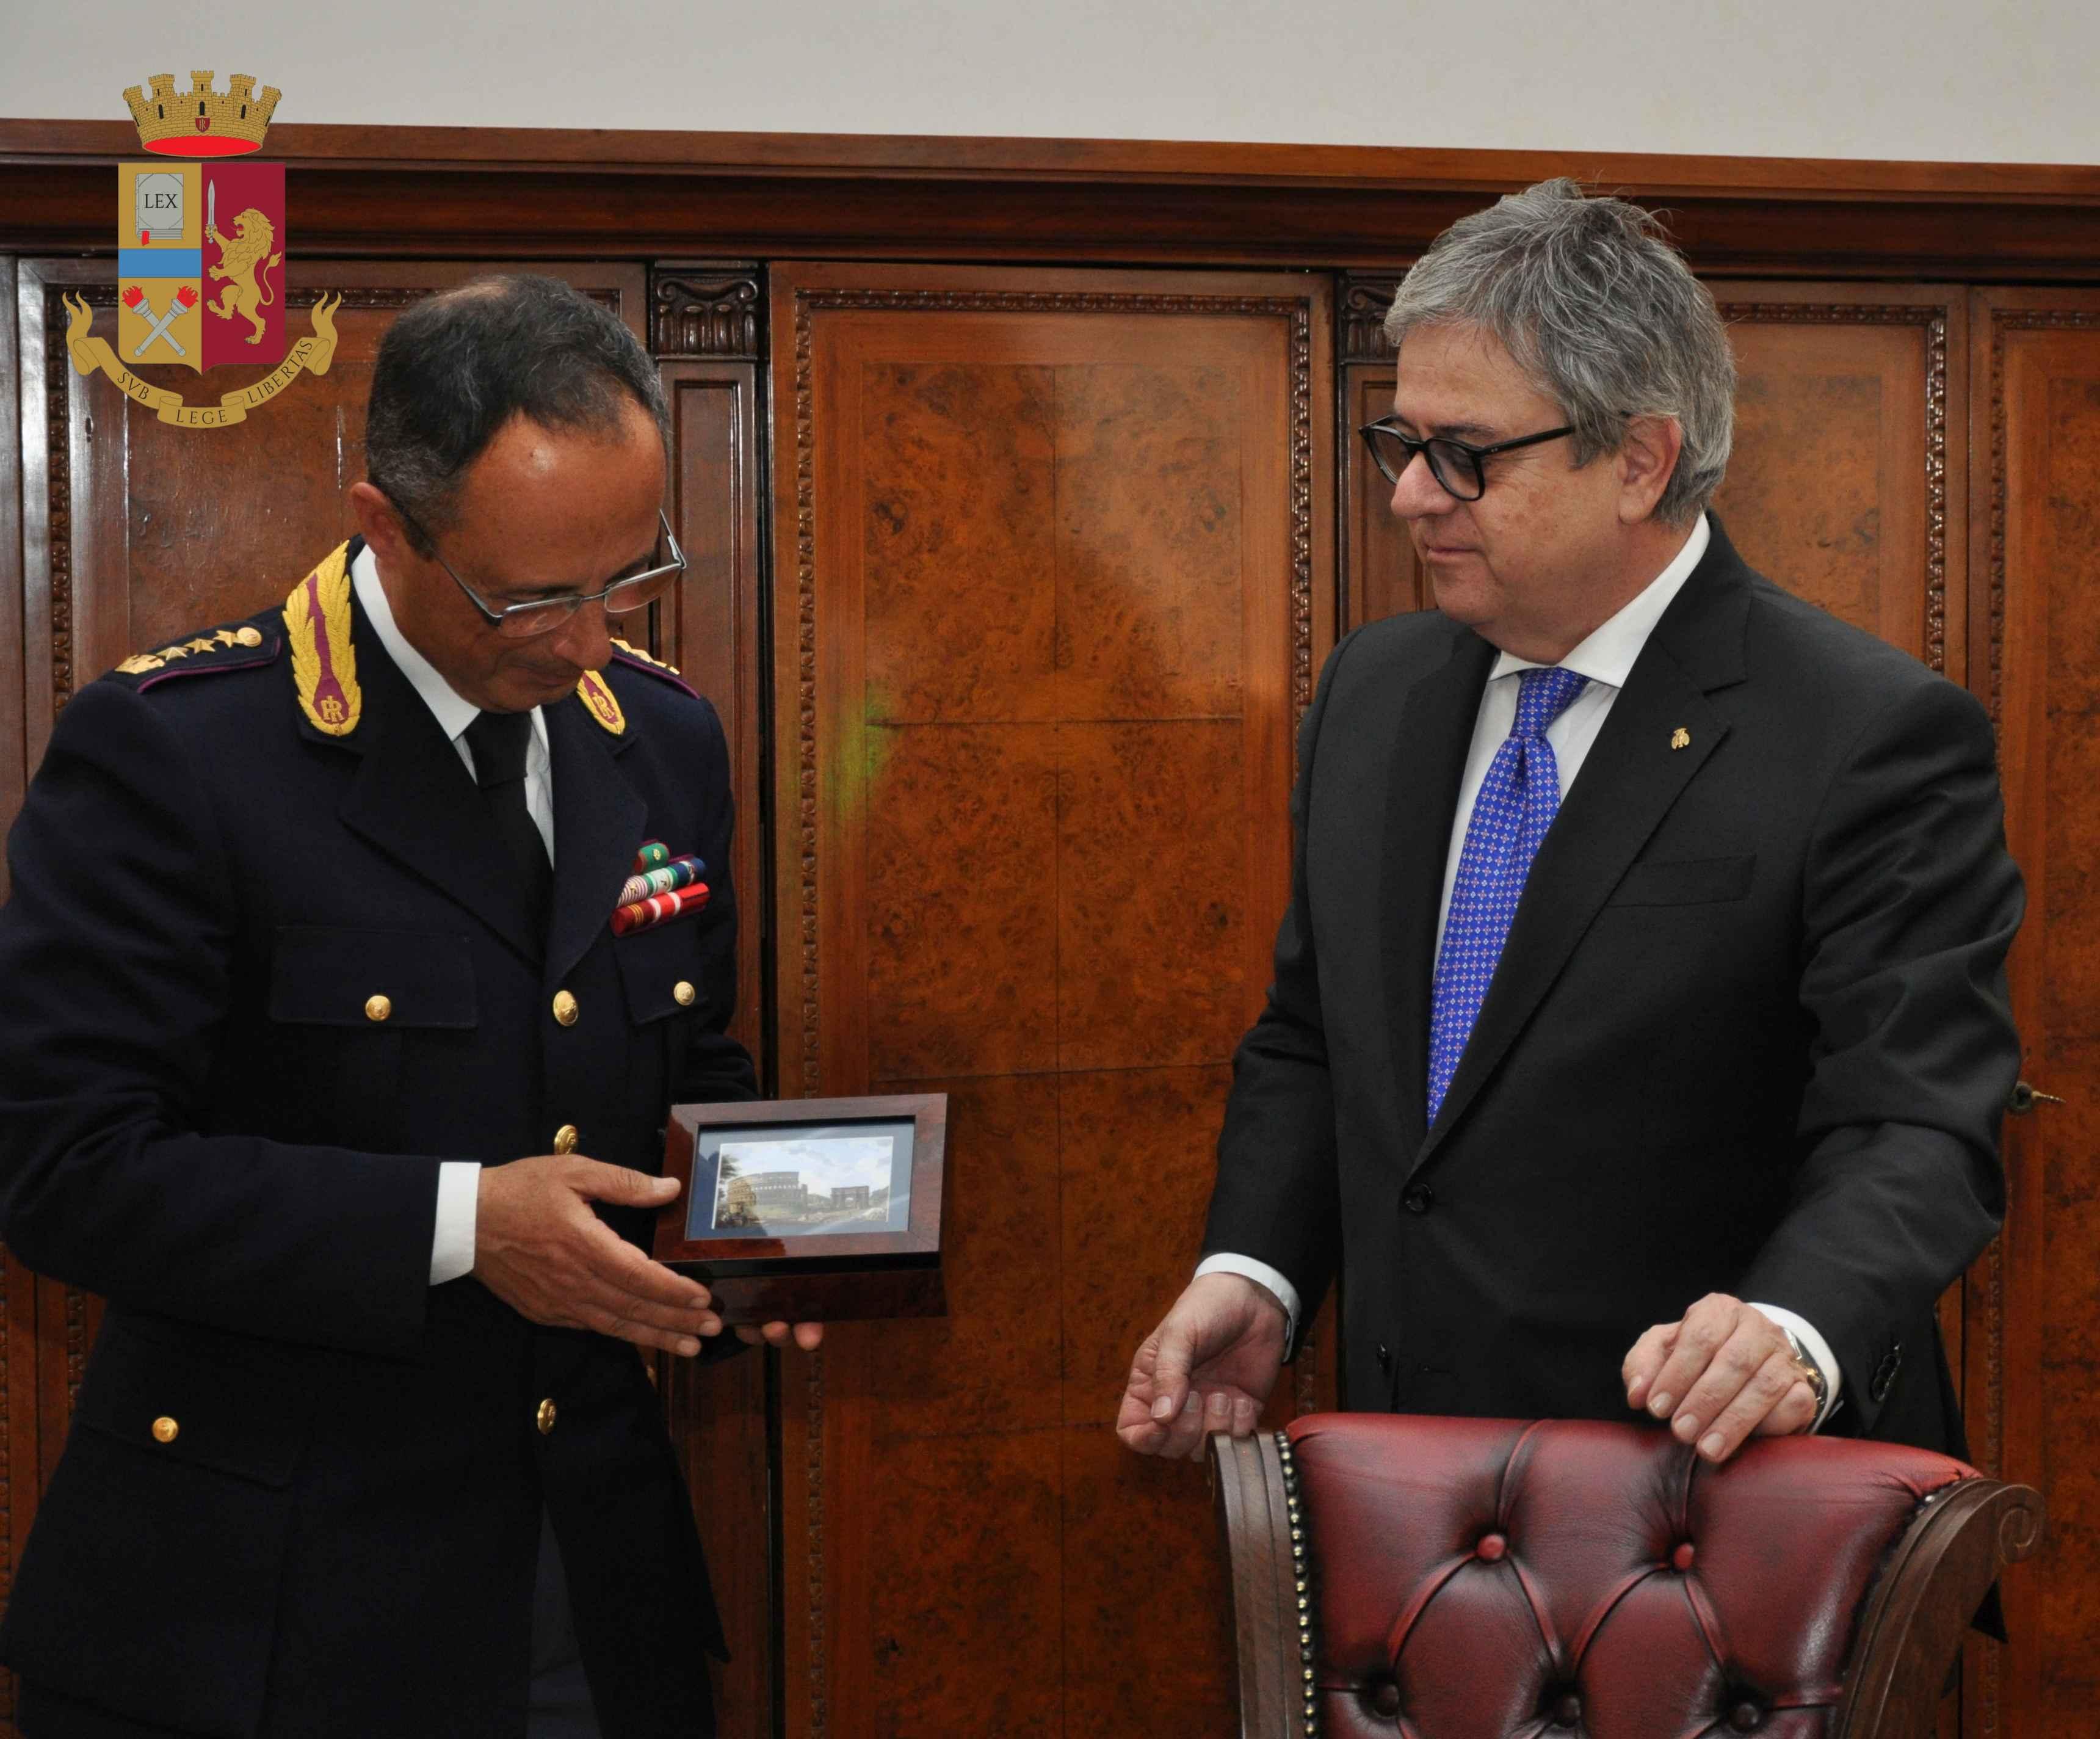 Il Questore di Roma ha ringraziato il dirigente Regna per il prezioso contributo e dedizione alla Polizia di Stato